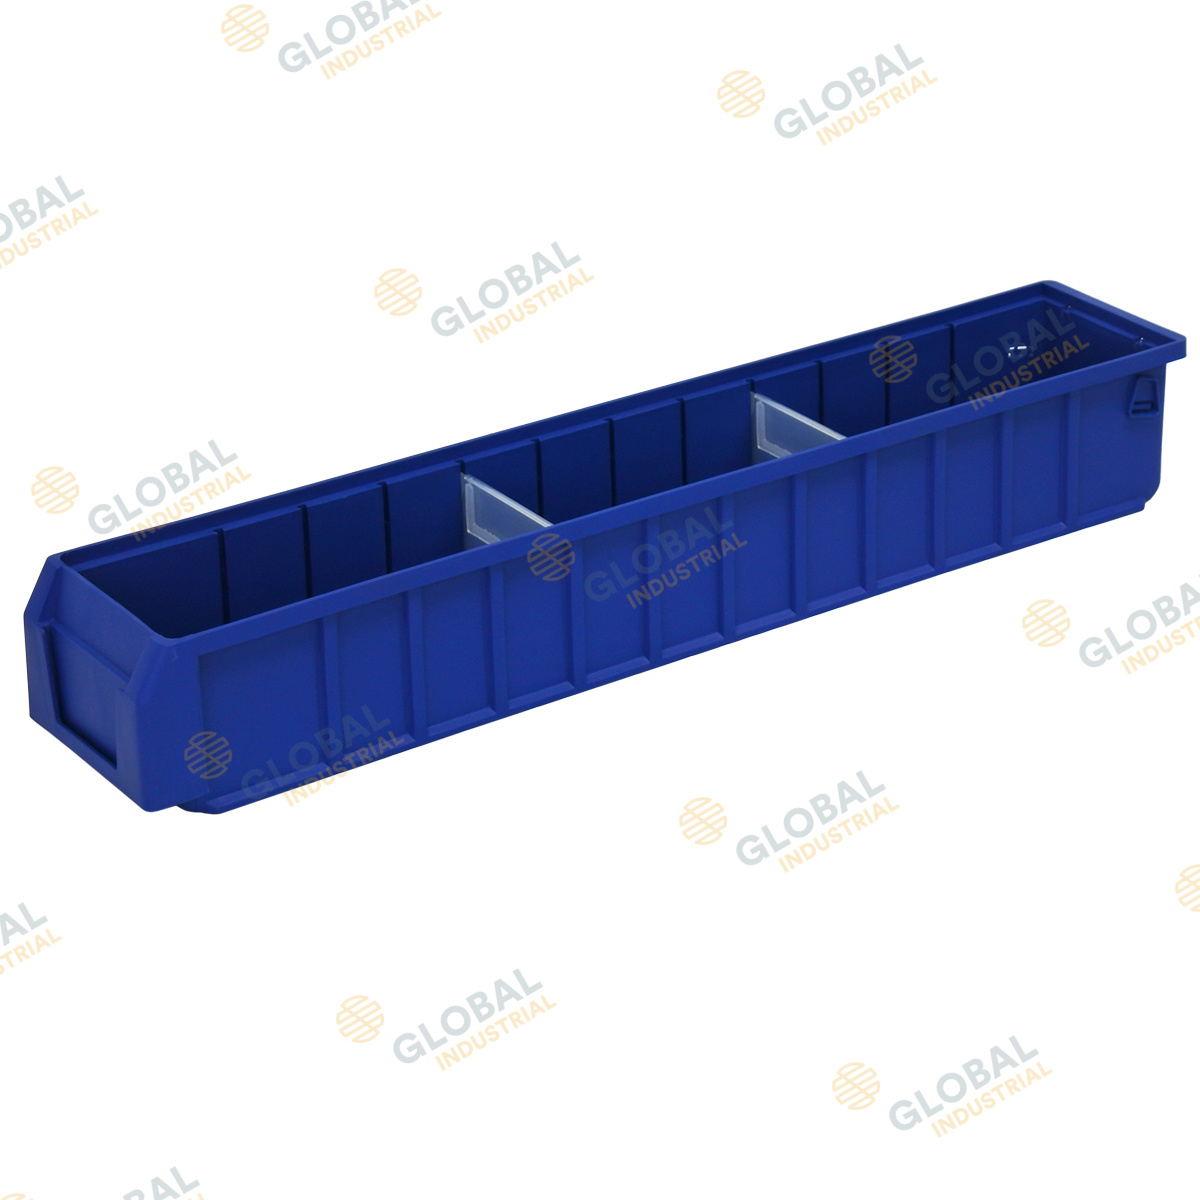 SO6109 Parts Tray